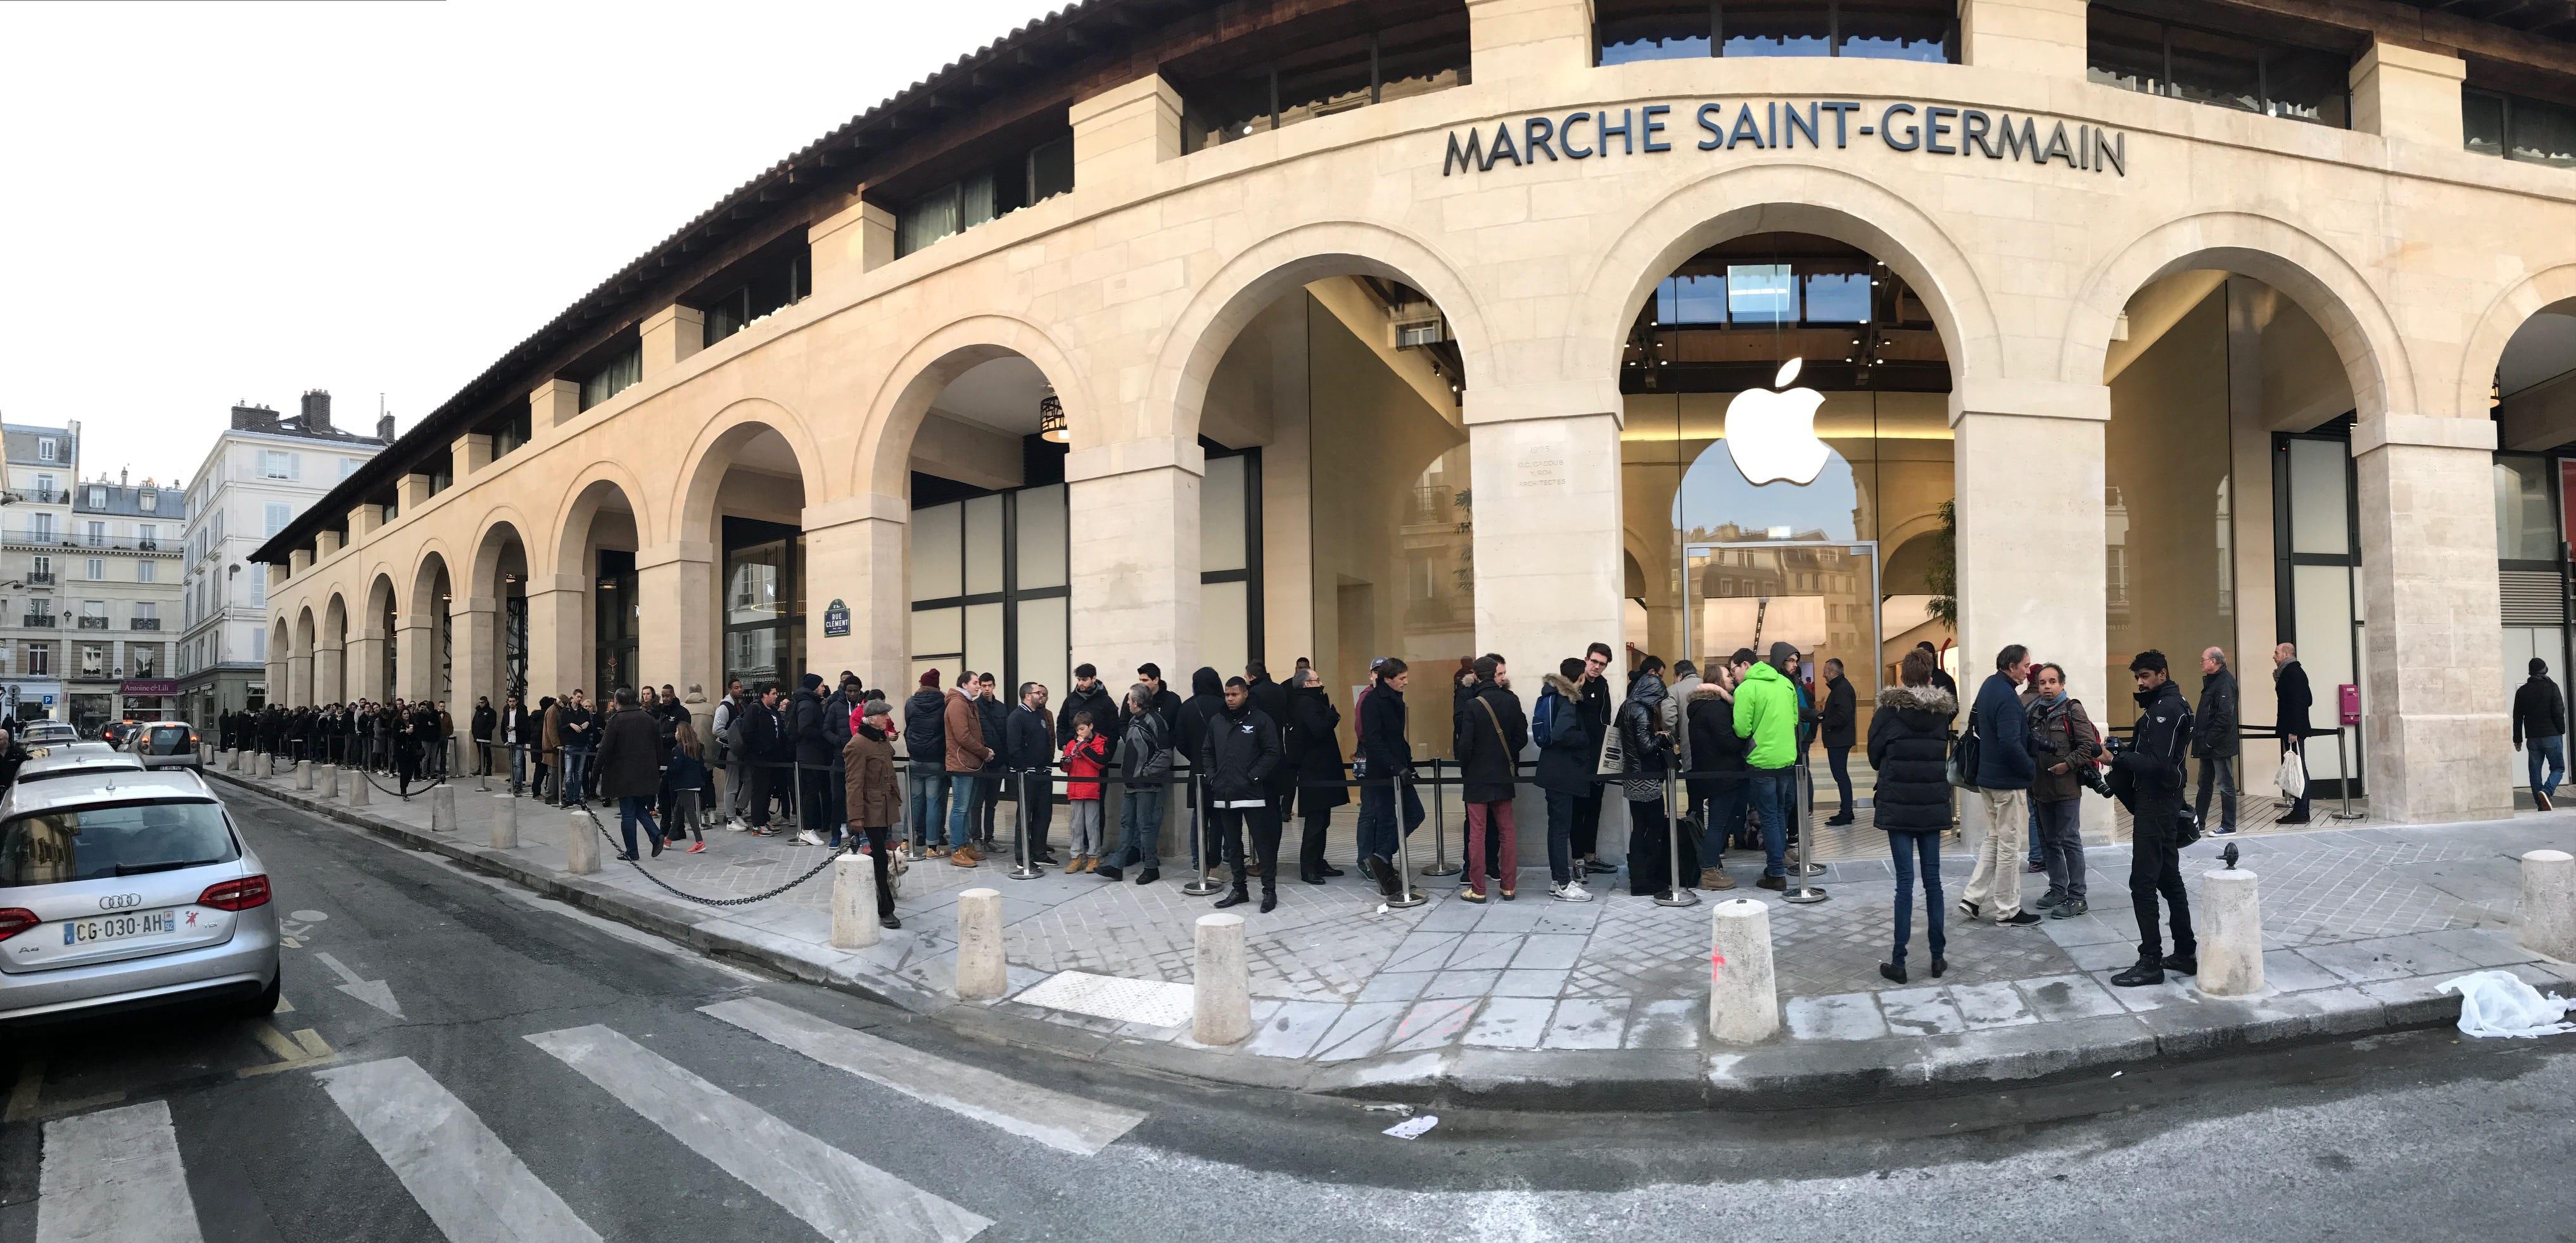 saint germain inauguration de la nouvelle boutique parisienne d 39 apple macgeneration. Black Bedroom Furniture Sets. Home Design Ideas